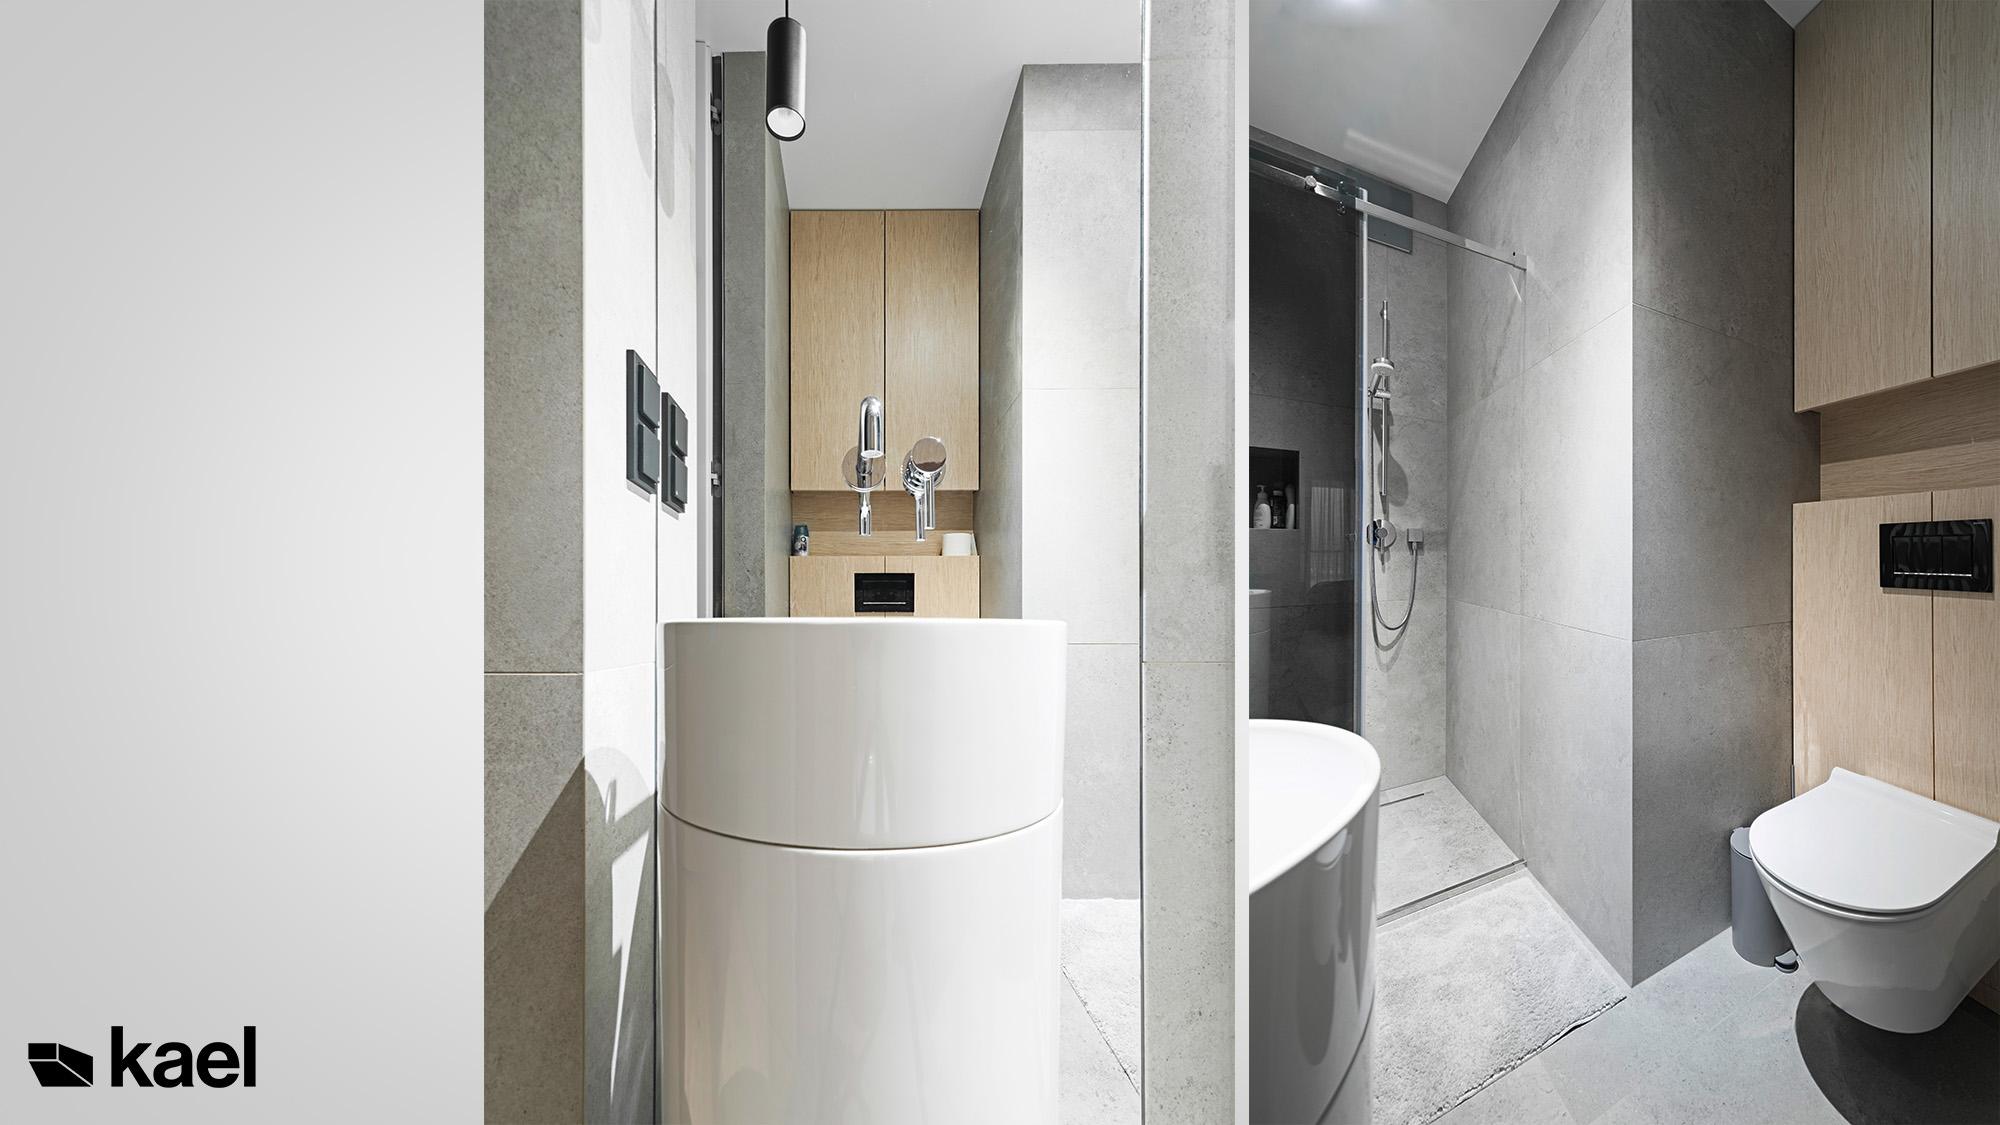 Łazienka - Mozaika - projekt apartamentu - Kael - architekt Warszawa